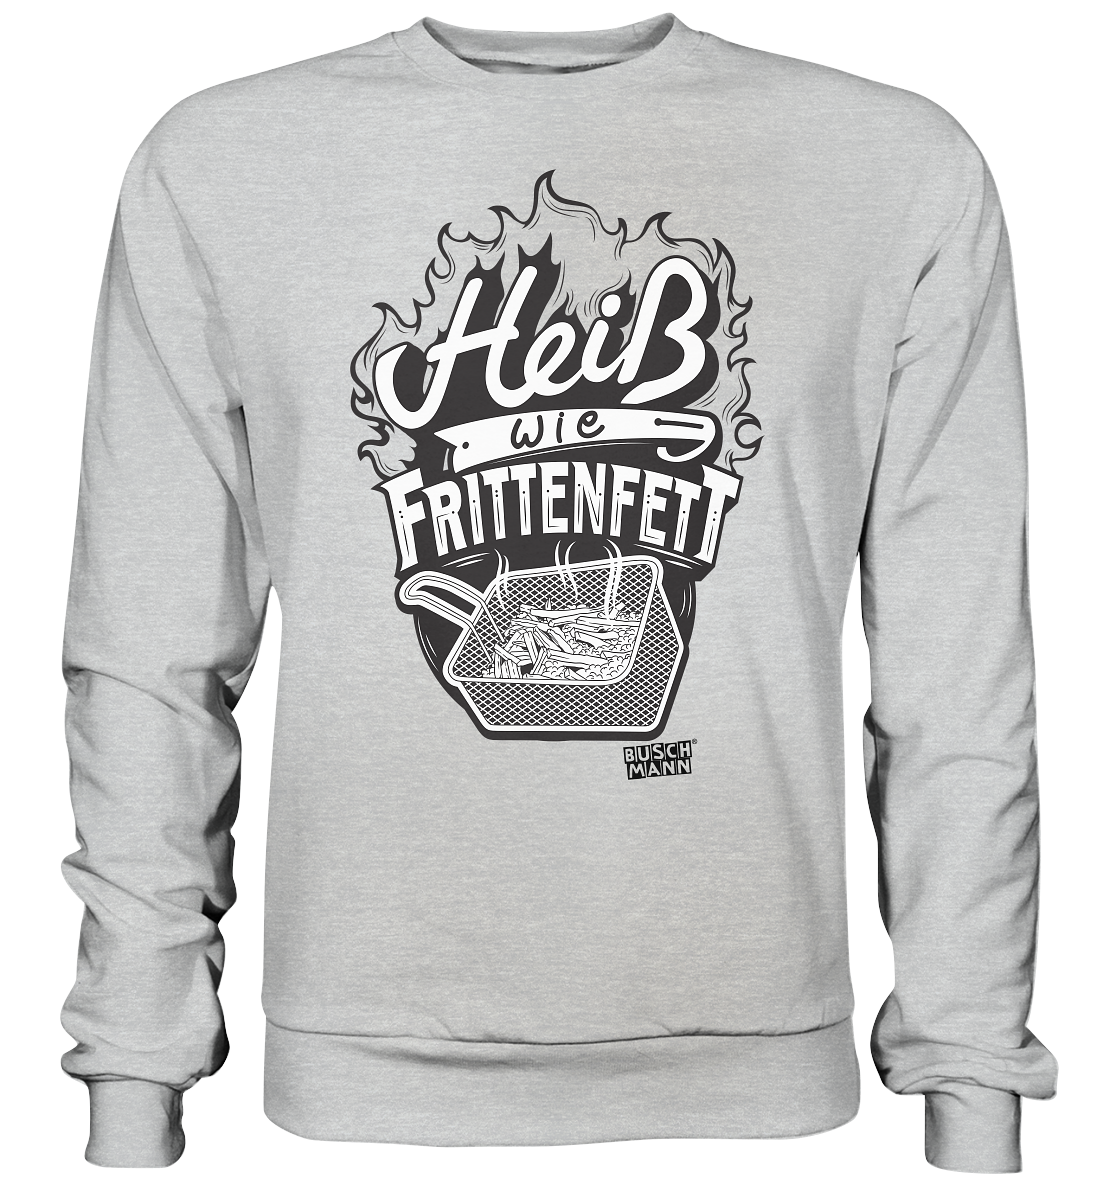 Heiß wie Frittenfett Premium Sweatshirt   €39.95  Inkl. MwSt. zzgl. Versandkosten  Lieferung: 2-7 Tage